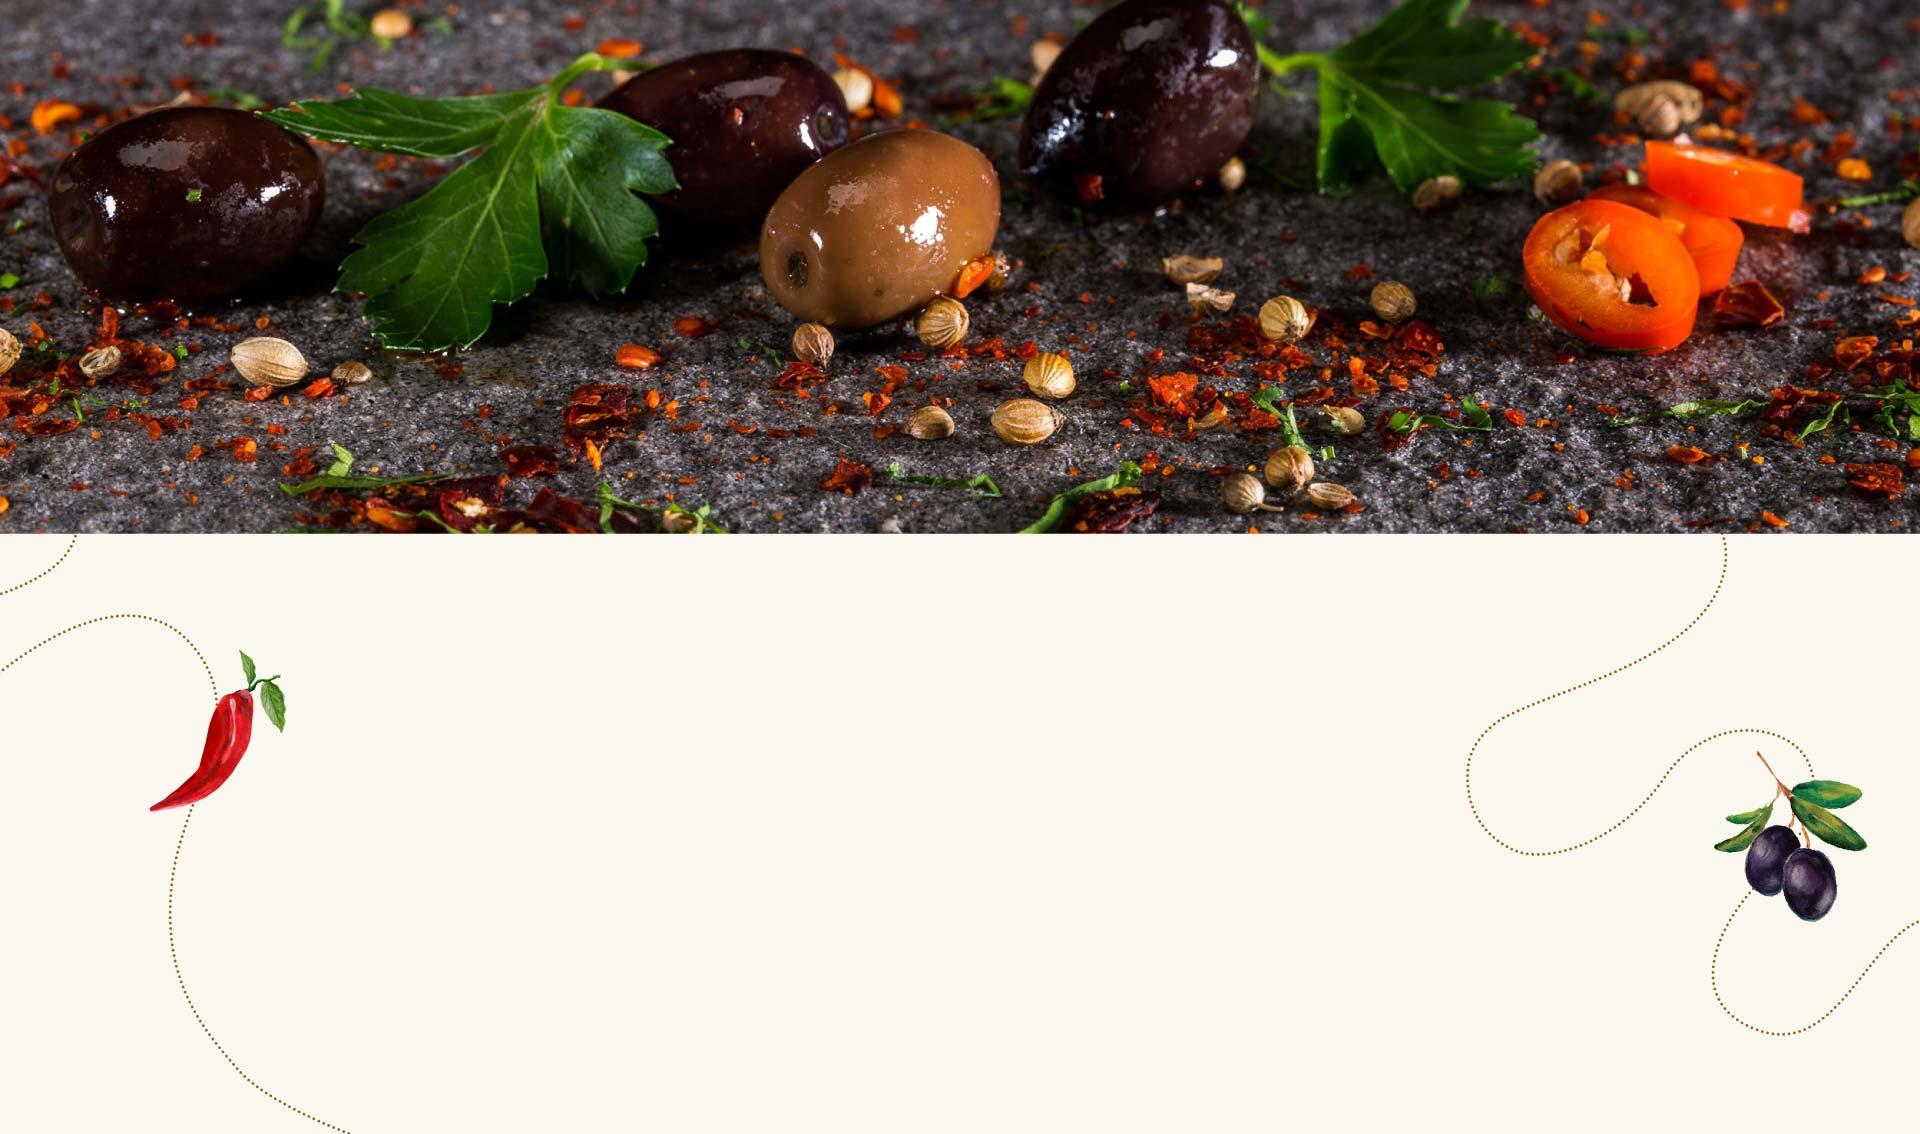 Zehavi-Product-7-background